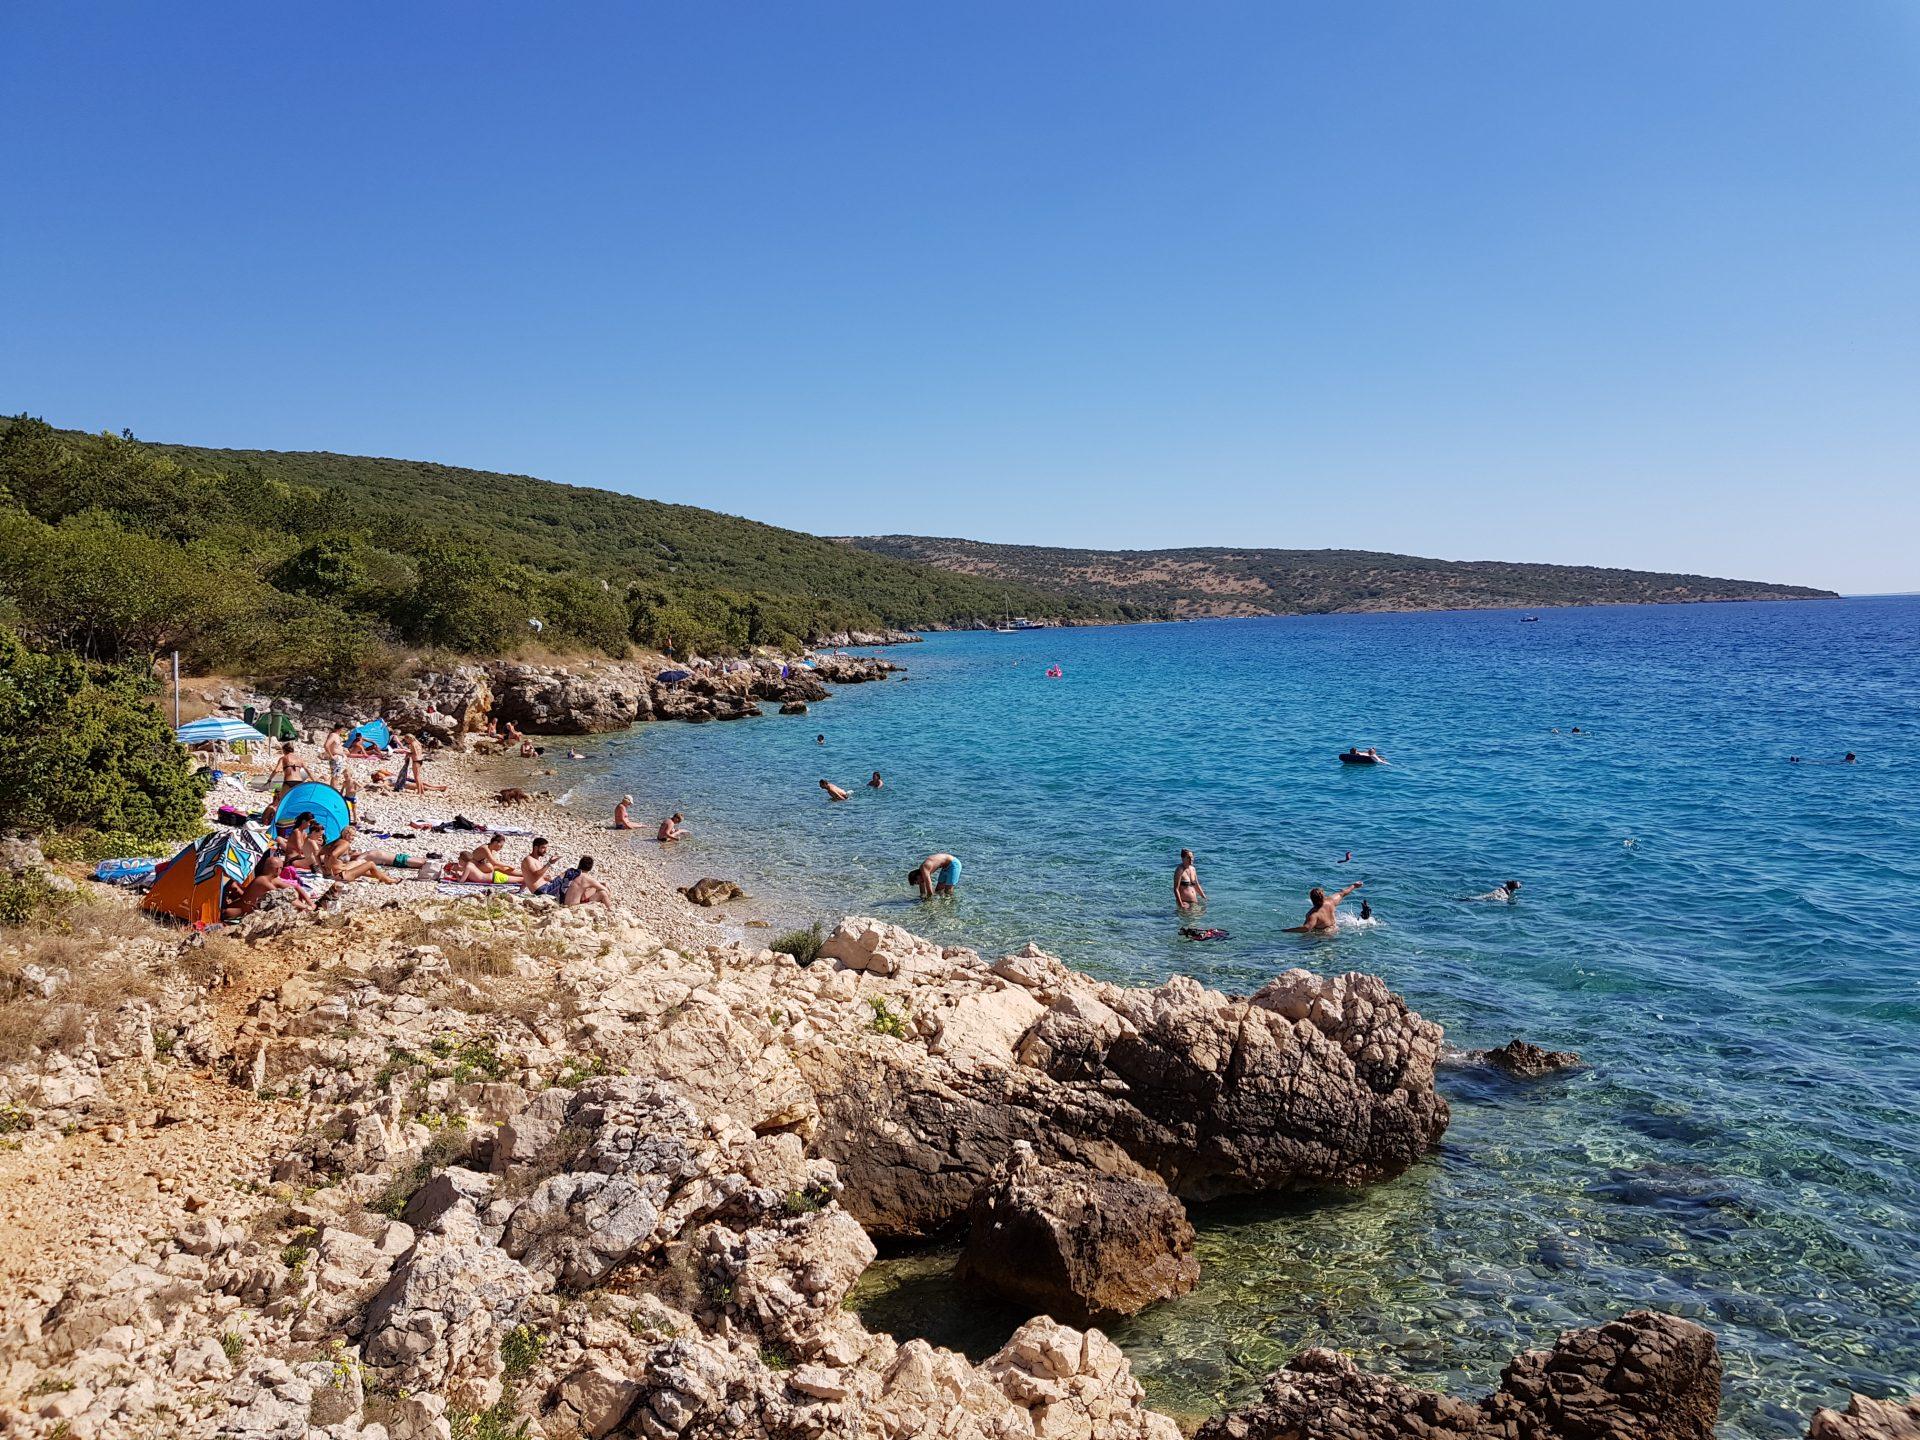 Una delle tante calette dell'isola di Krk